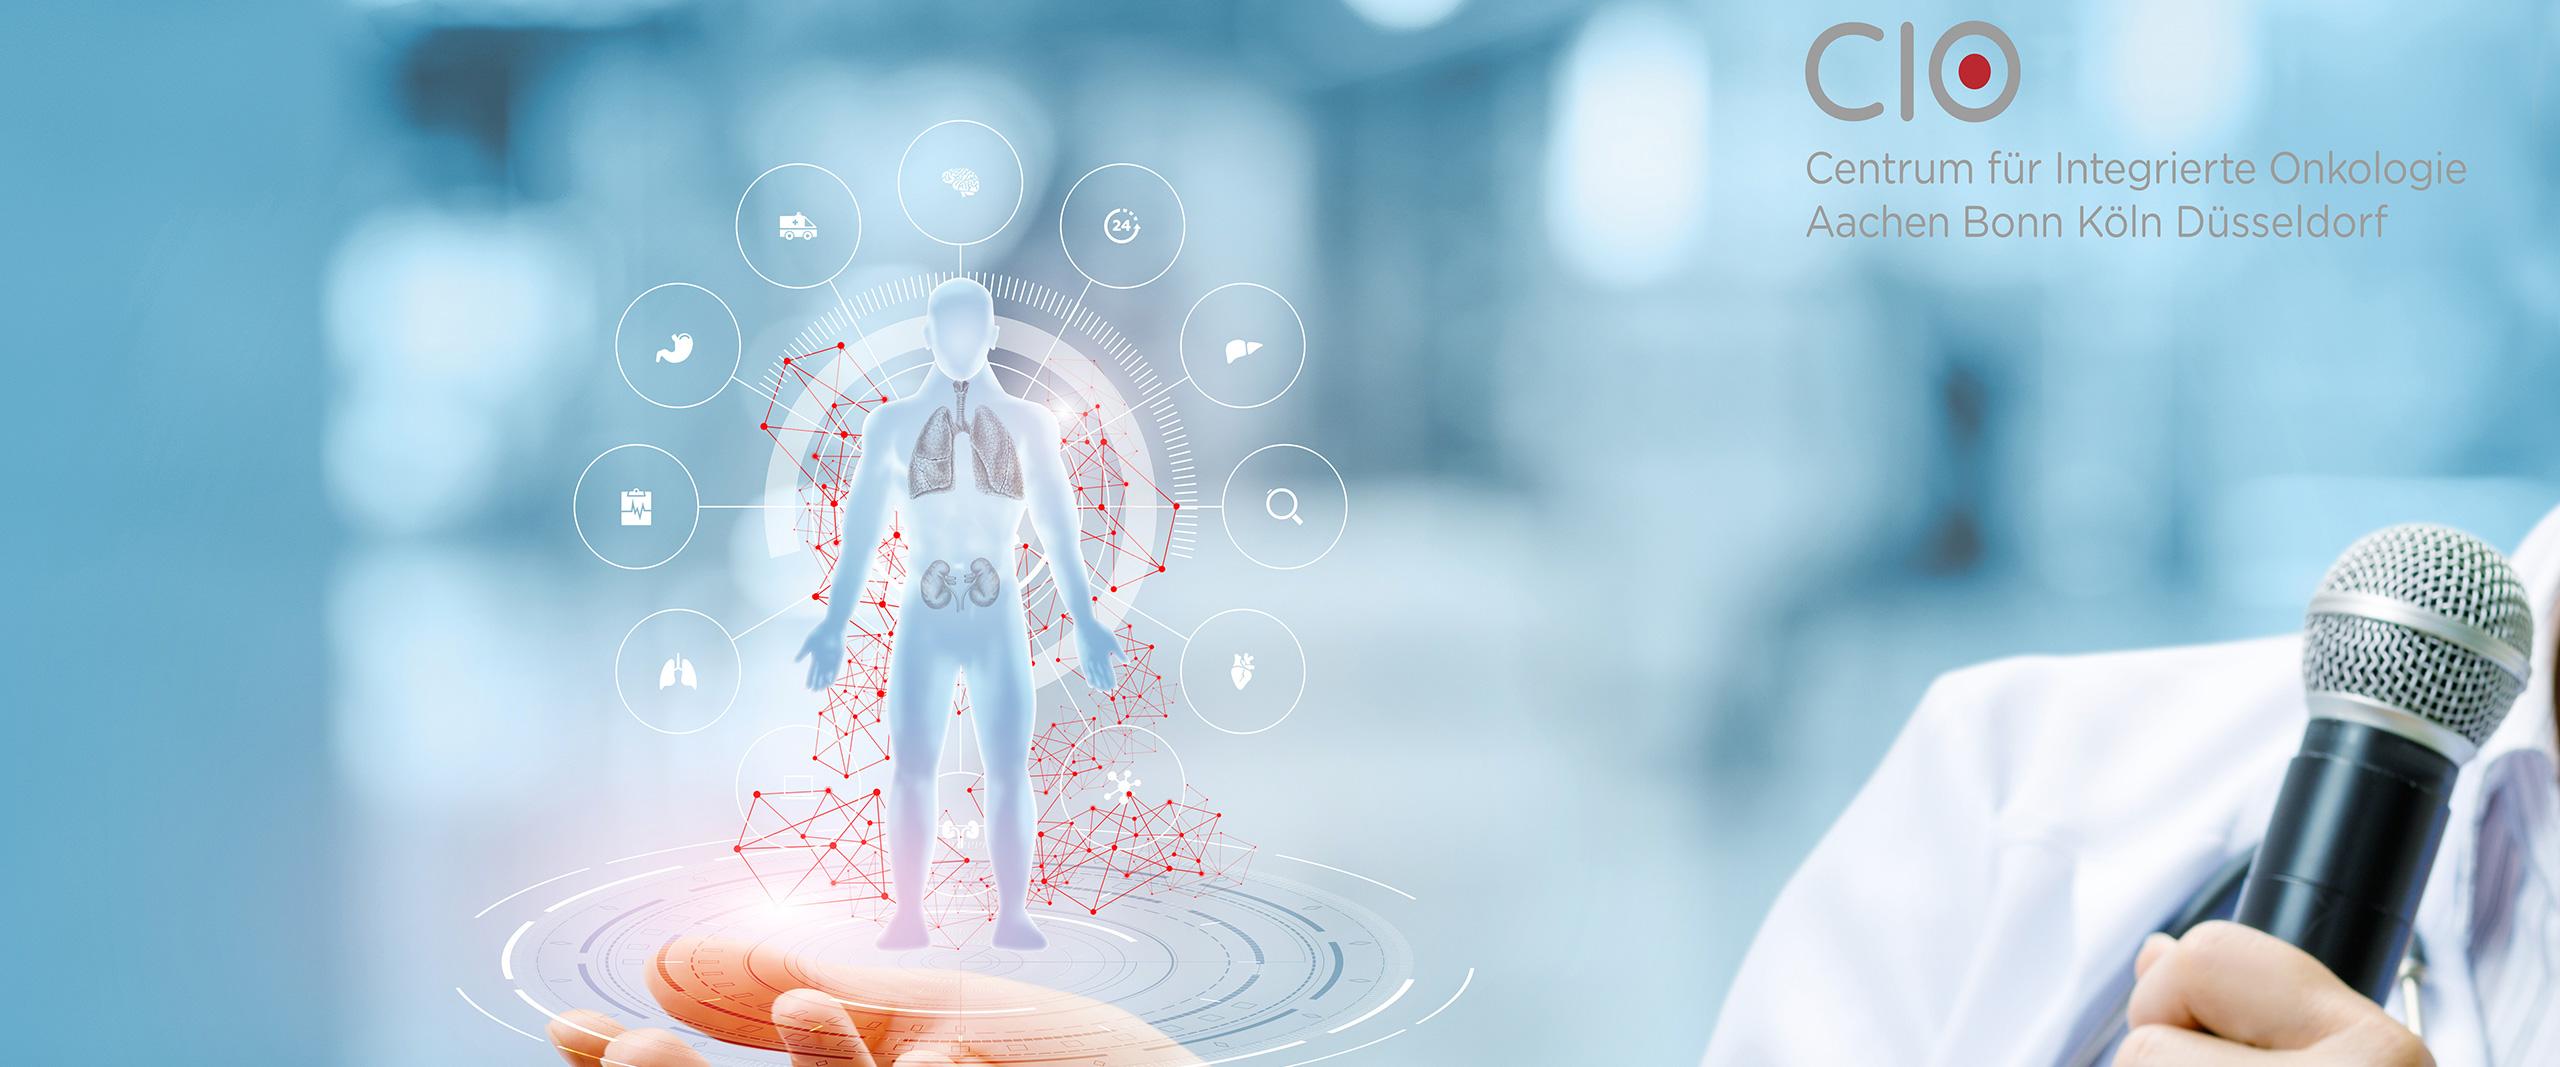 CIO-Krebs-Informationstag 2019: neue Therapien, Pflege, Ernährung und Sport bei Krebs